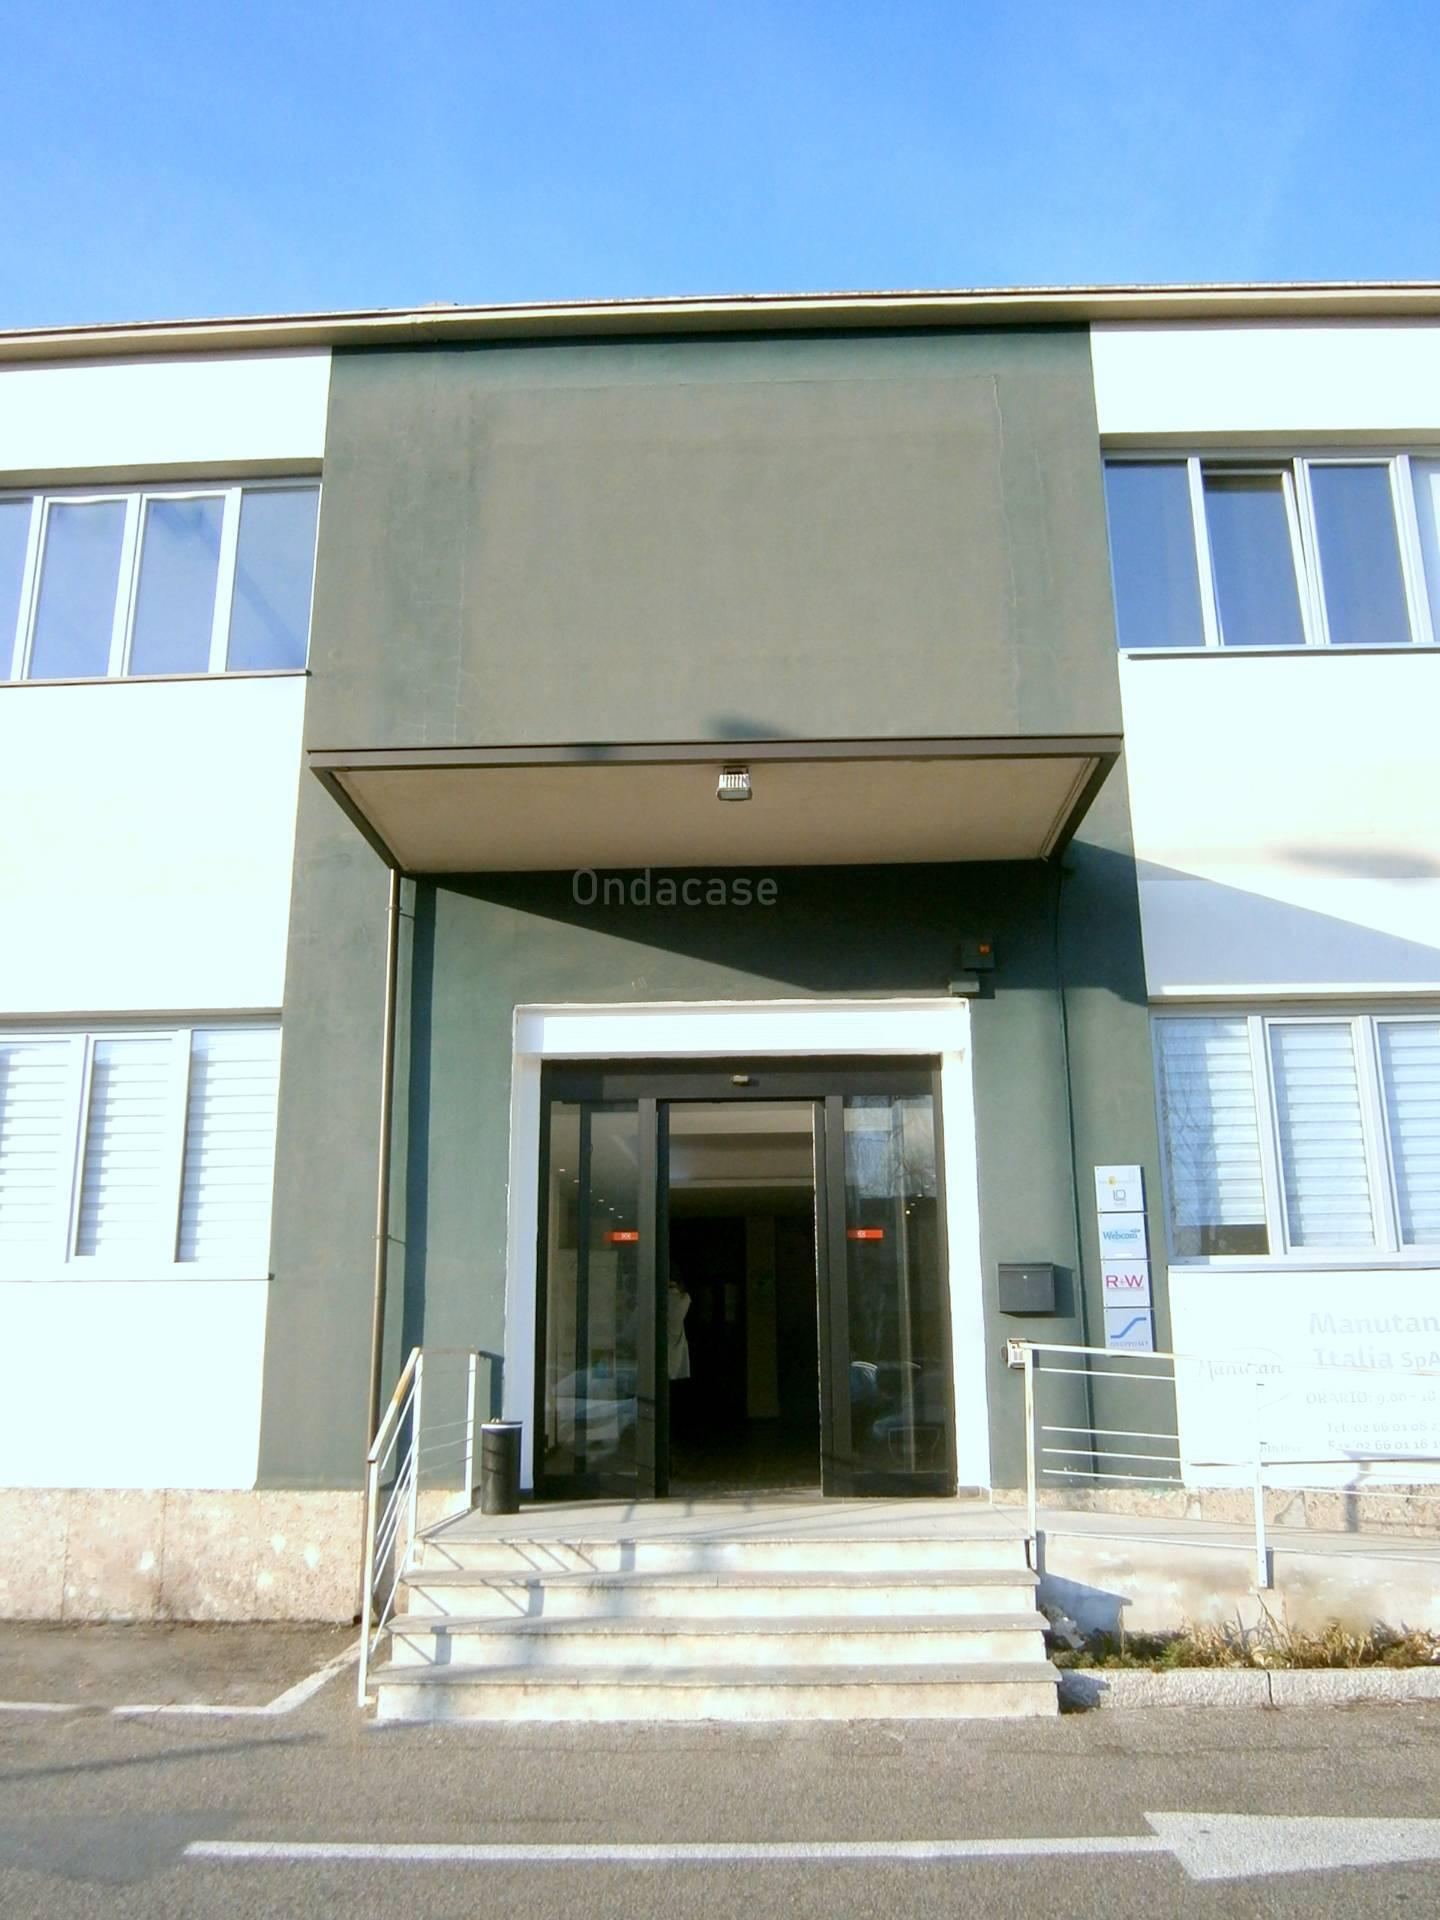 Ufficio / Studio in affitto a Cinisello Balsamo, 9999 locali, prezzo € 80.000 | PortaleAgenzieImmobiliari.it